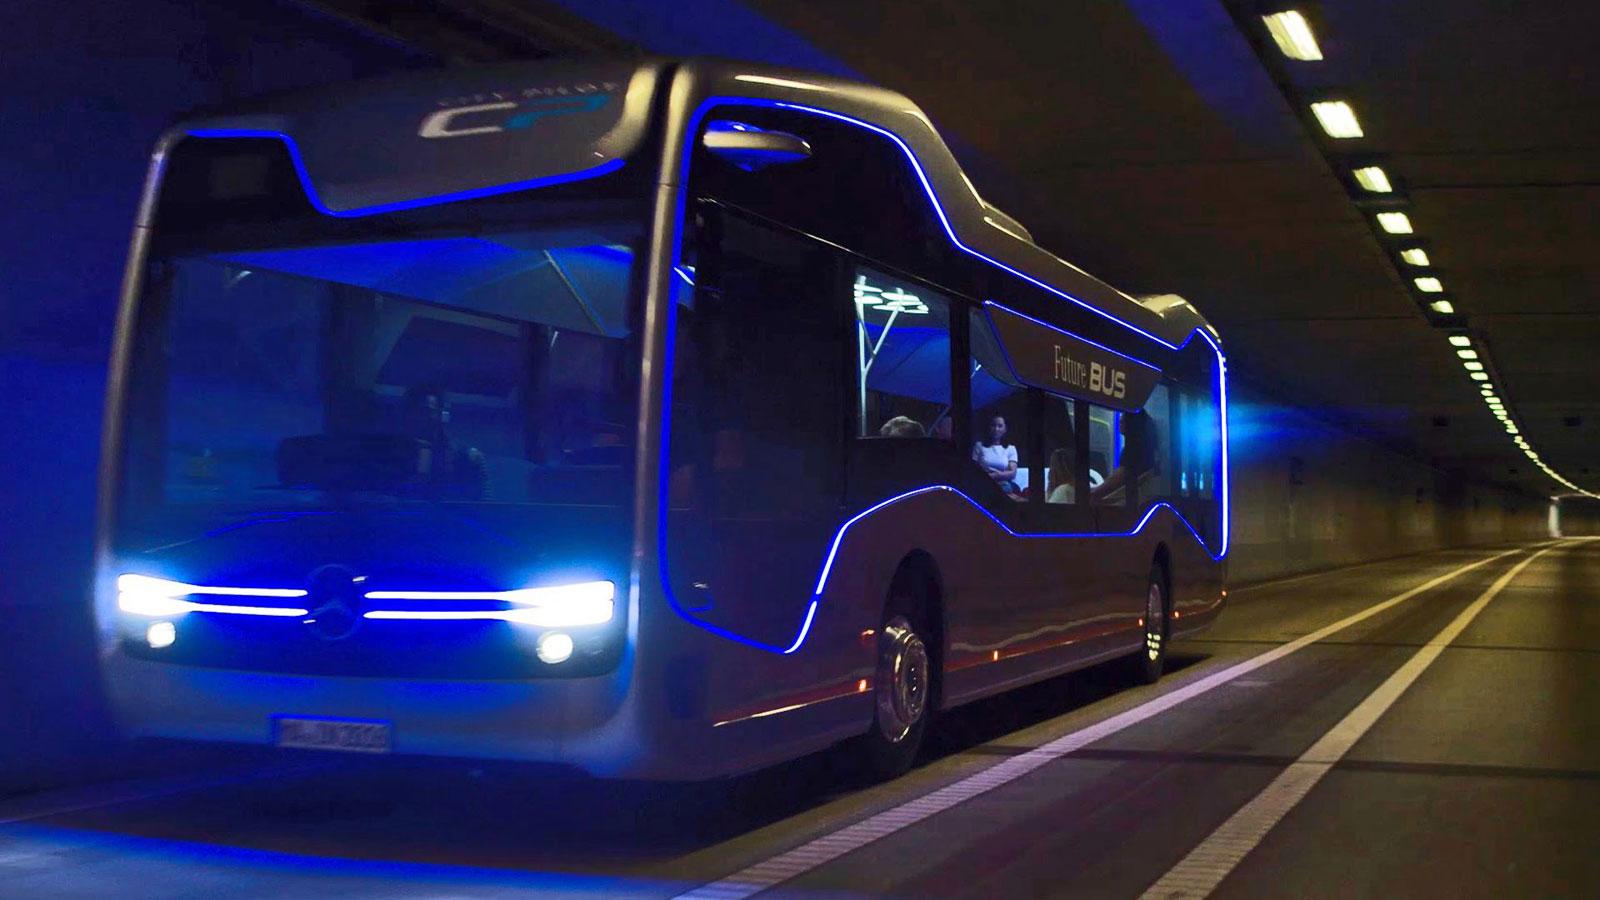 World Car Kia >> Mercedes-Benz Future Bus Concept - Car Body Design